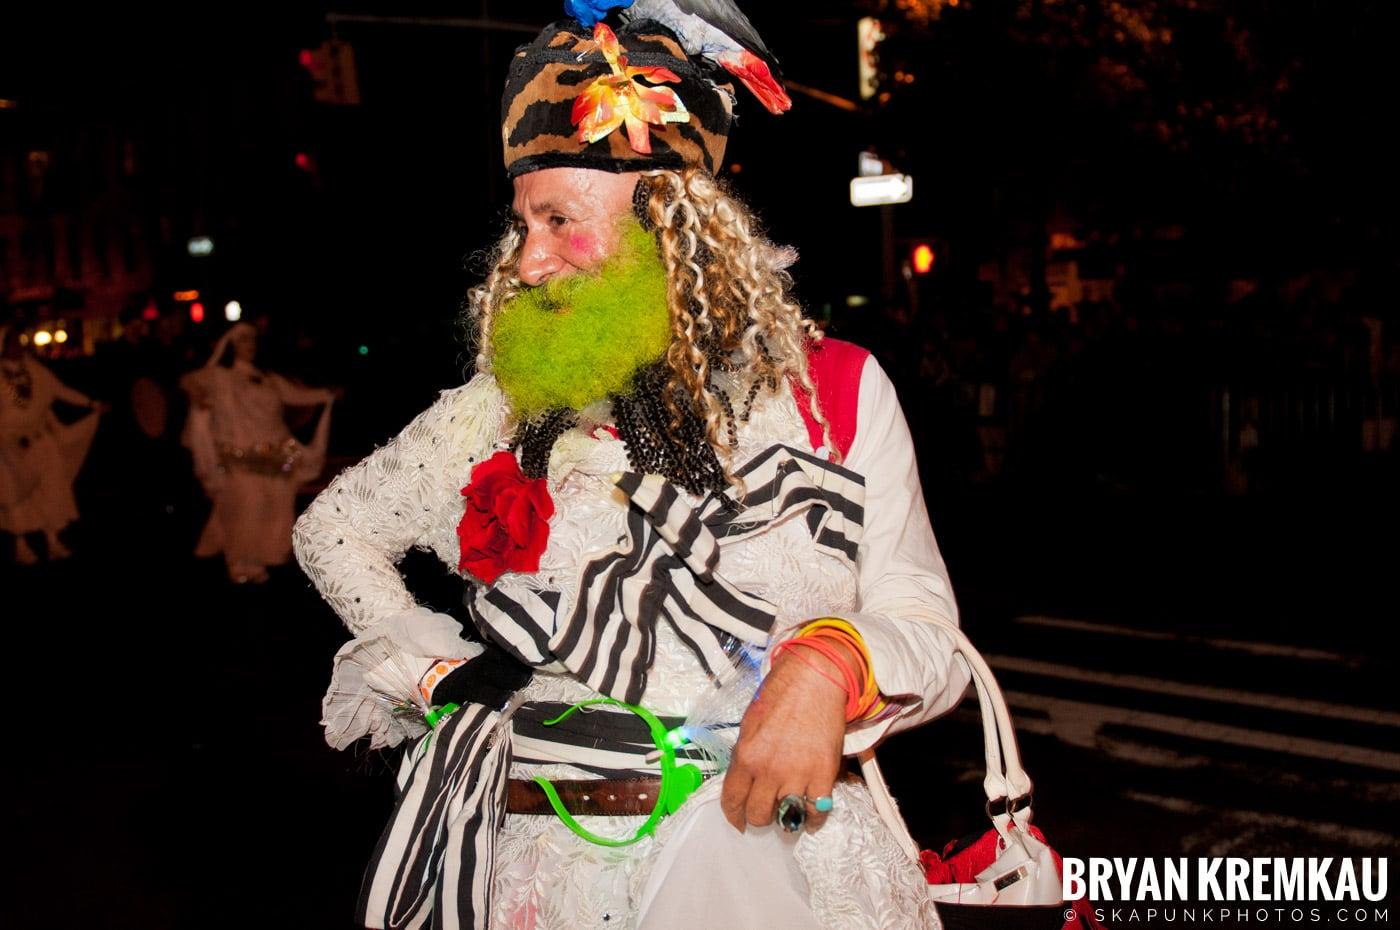 NYC Halloween Parade 2011 @ New York, NY - 10.31.11 (98)